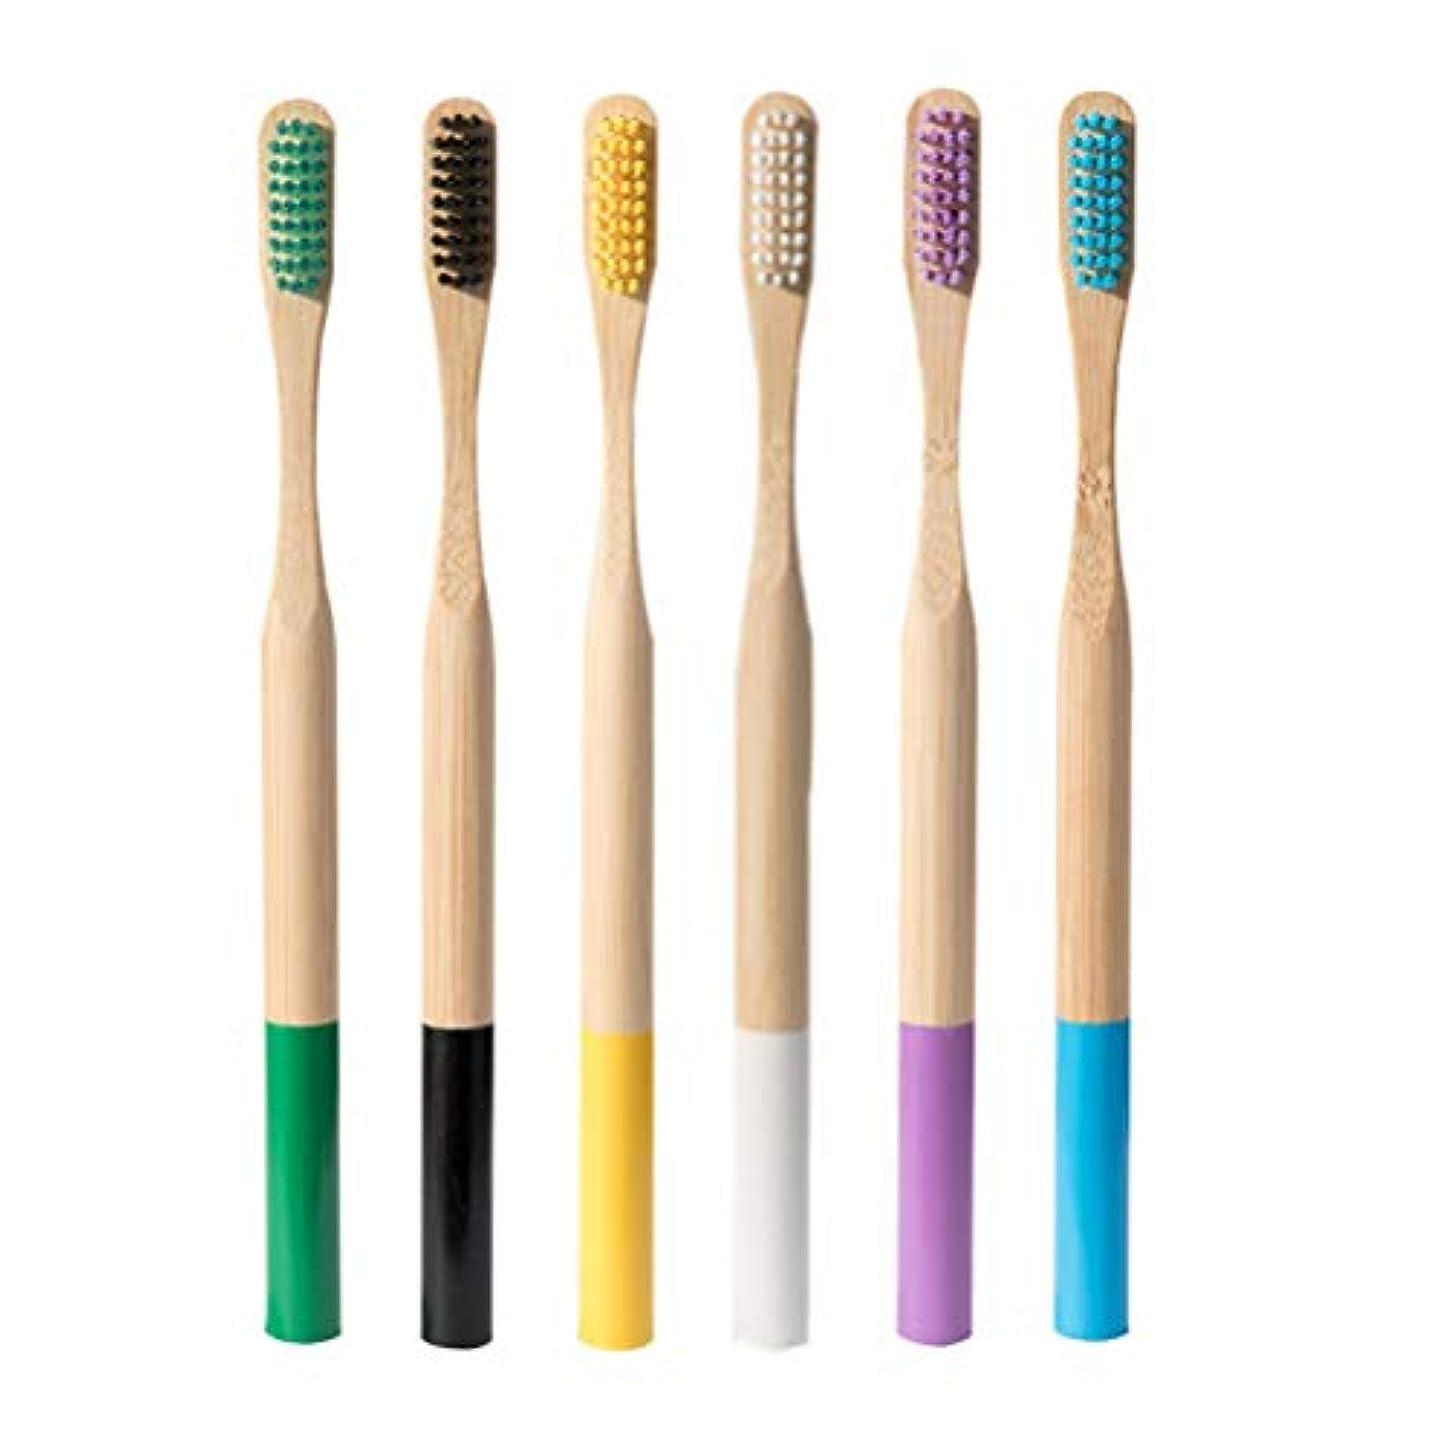 前進町不愉快Healifty 6ピース生分解性天然炭竹歯ブラシ細かい毛歯ブラシ旅行屋外キャンプ用